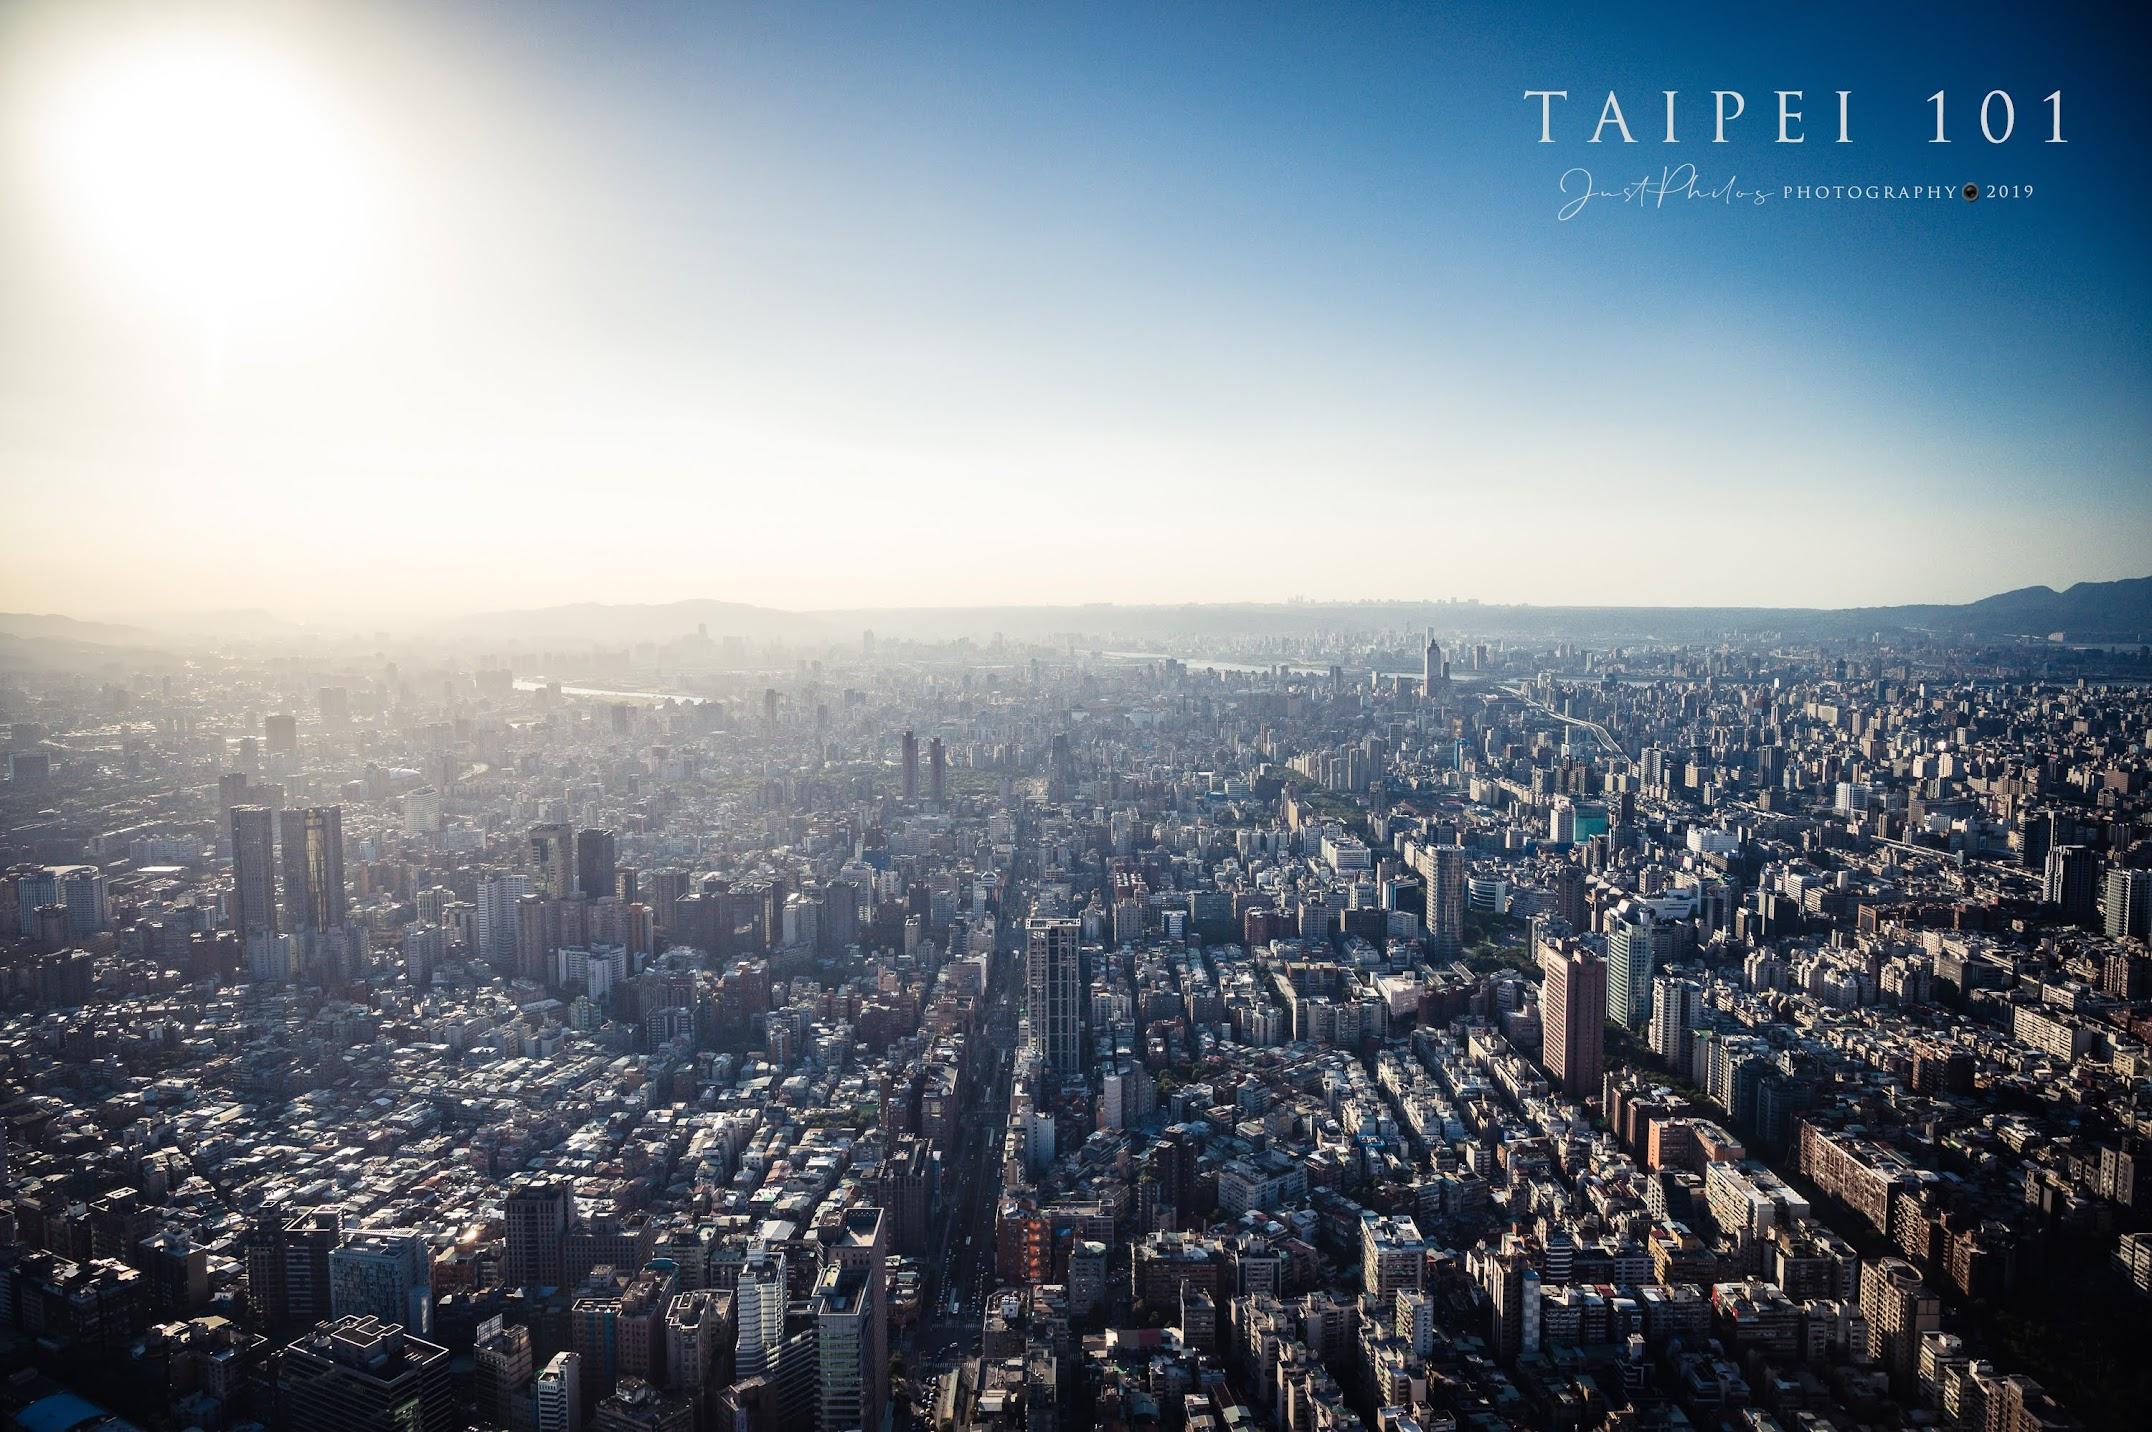 從台北101觀景台可以一覽大台北的城市景色。